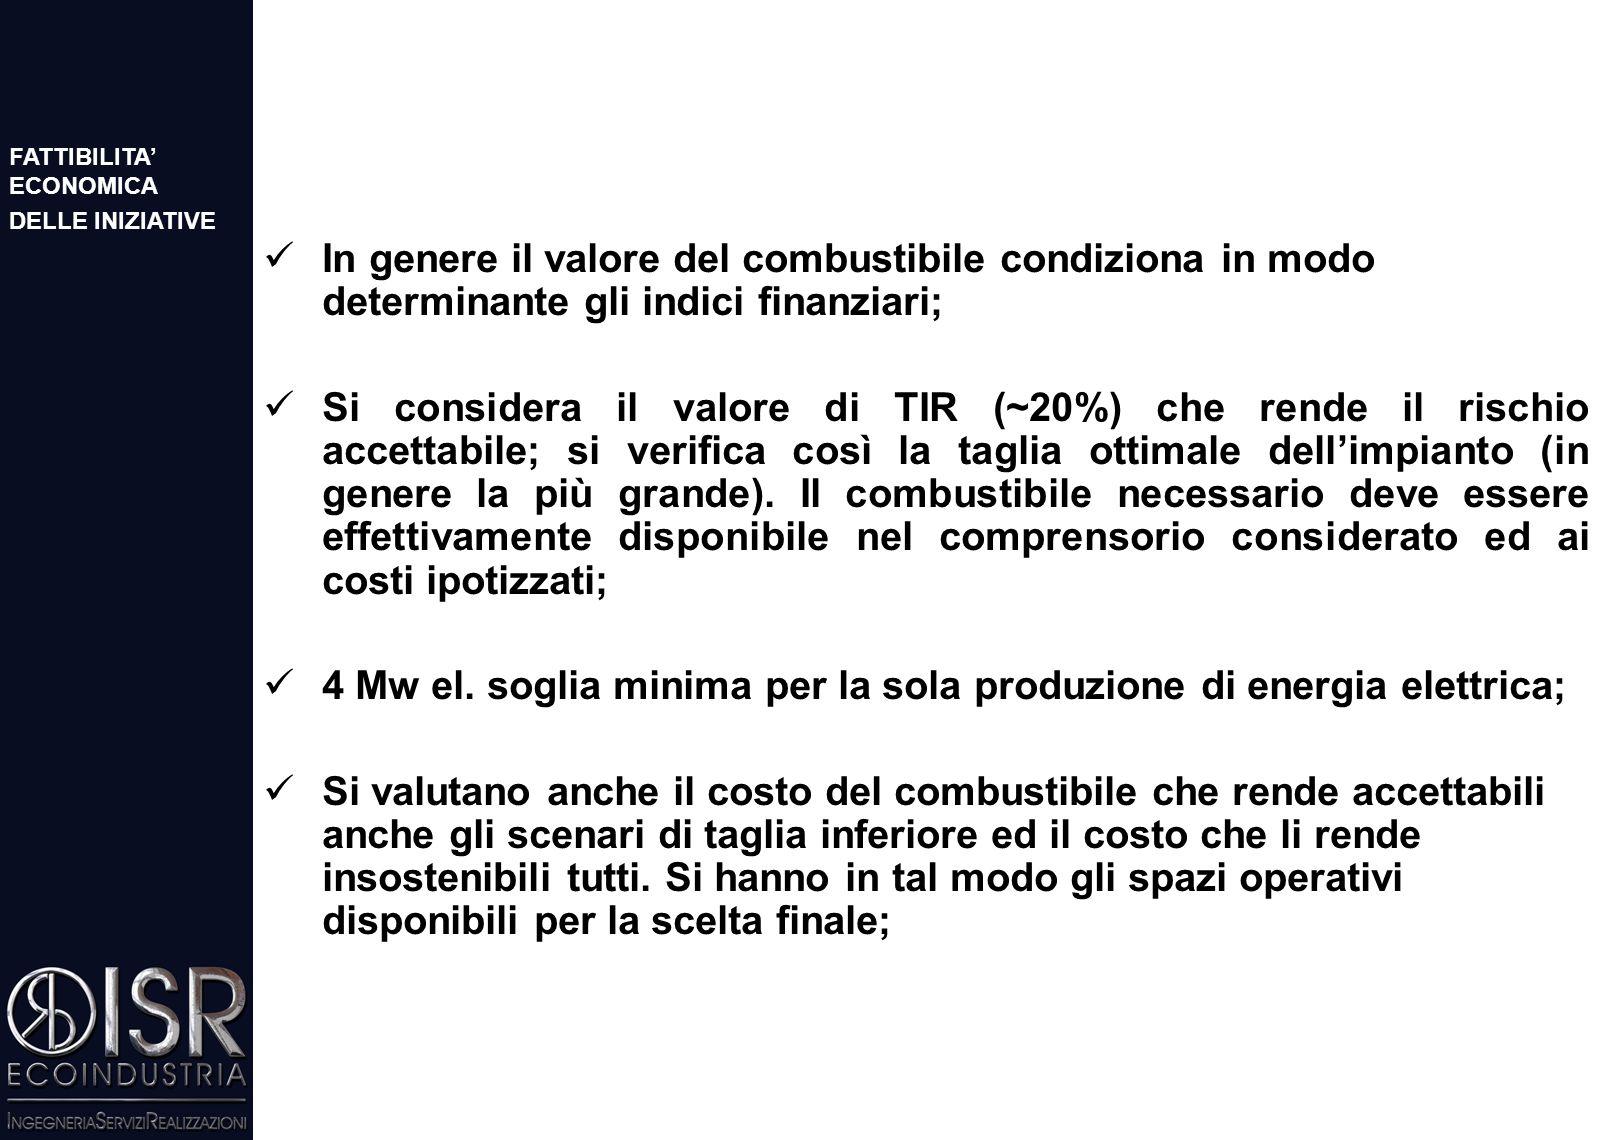 Ricavi: CV (0,11 €/kwh) più vendita dell'energia elettrica (0,07 €/kwh); Analisi degli scenari per indagare l'influenza della taglia dell'impianto sul